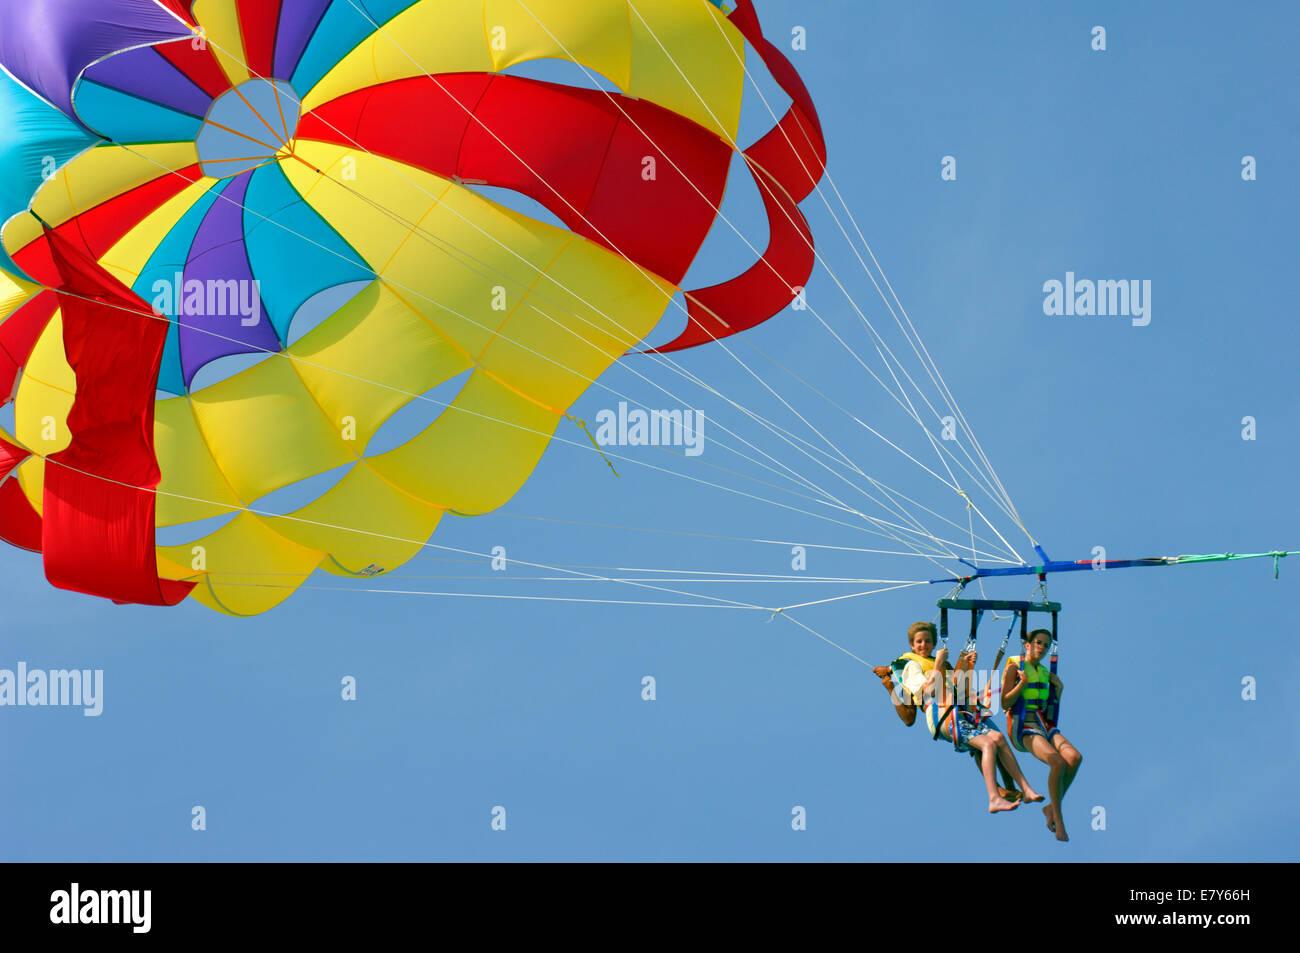 Three parasailors aloft at Sidi Mahres on the island of Djerba in Tunisia - Stock Image